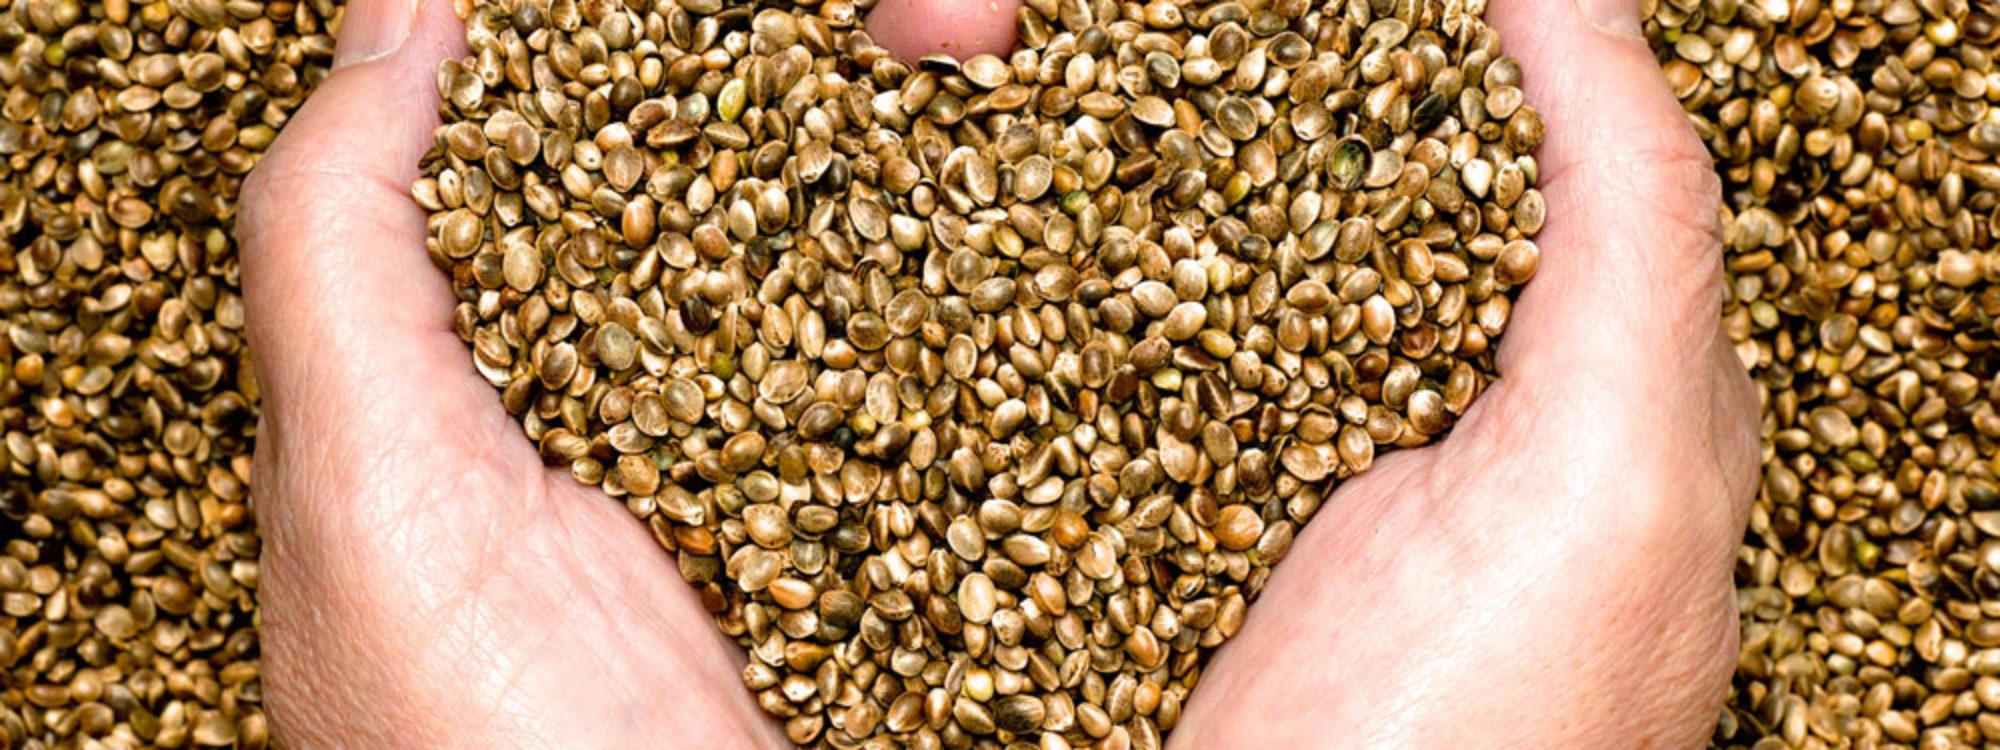 seeds-heart